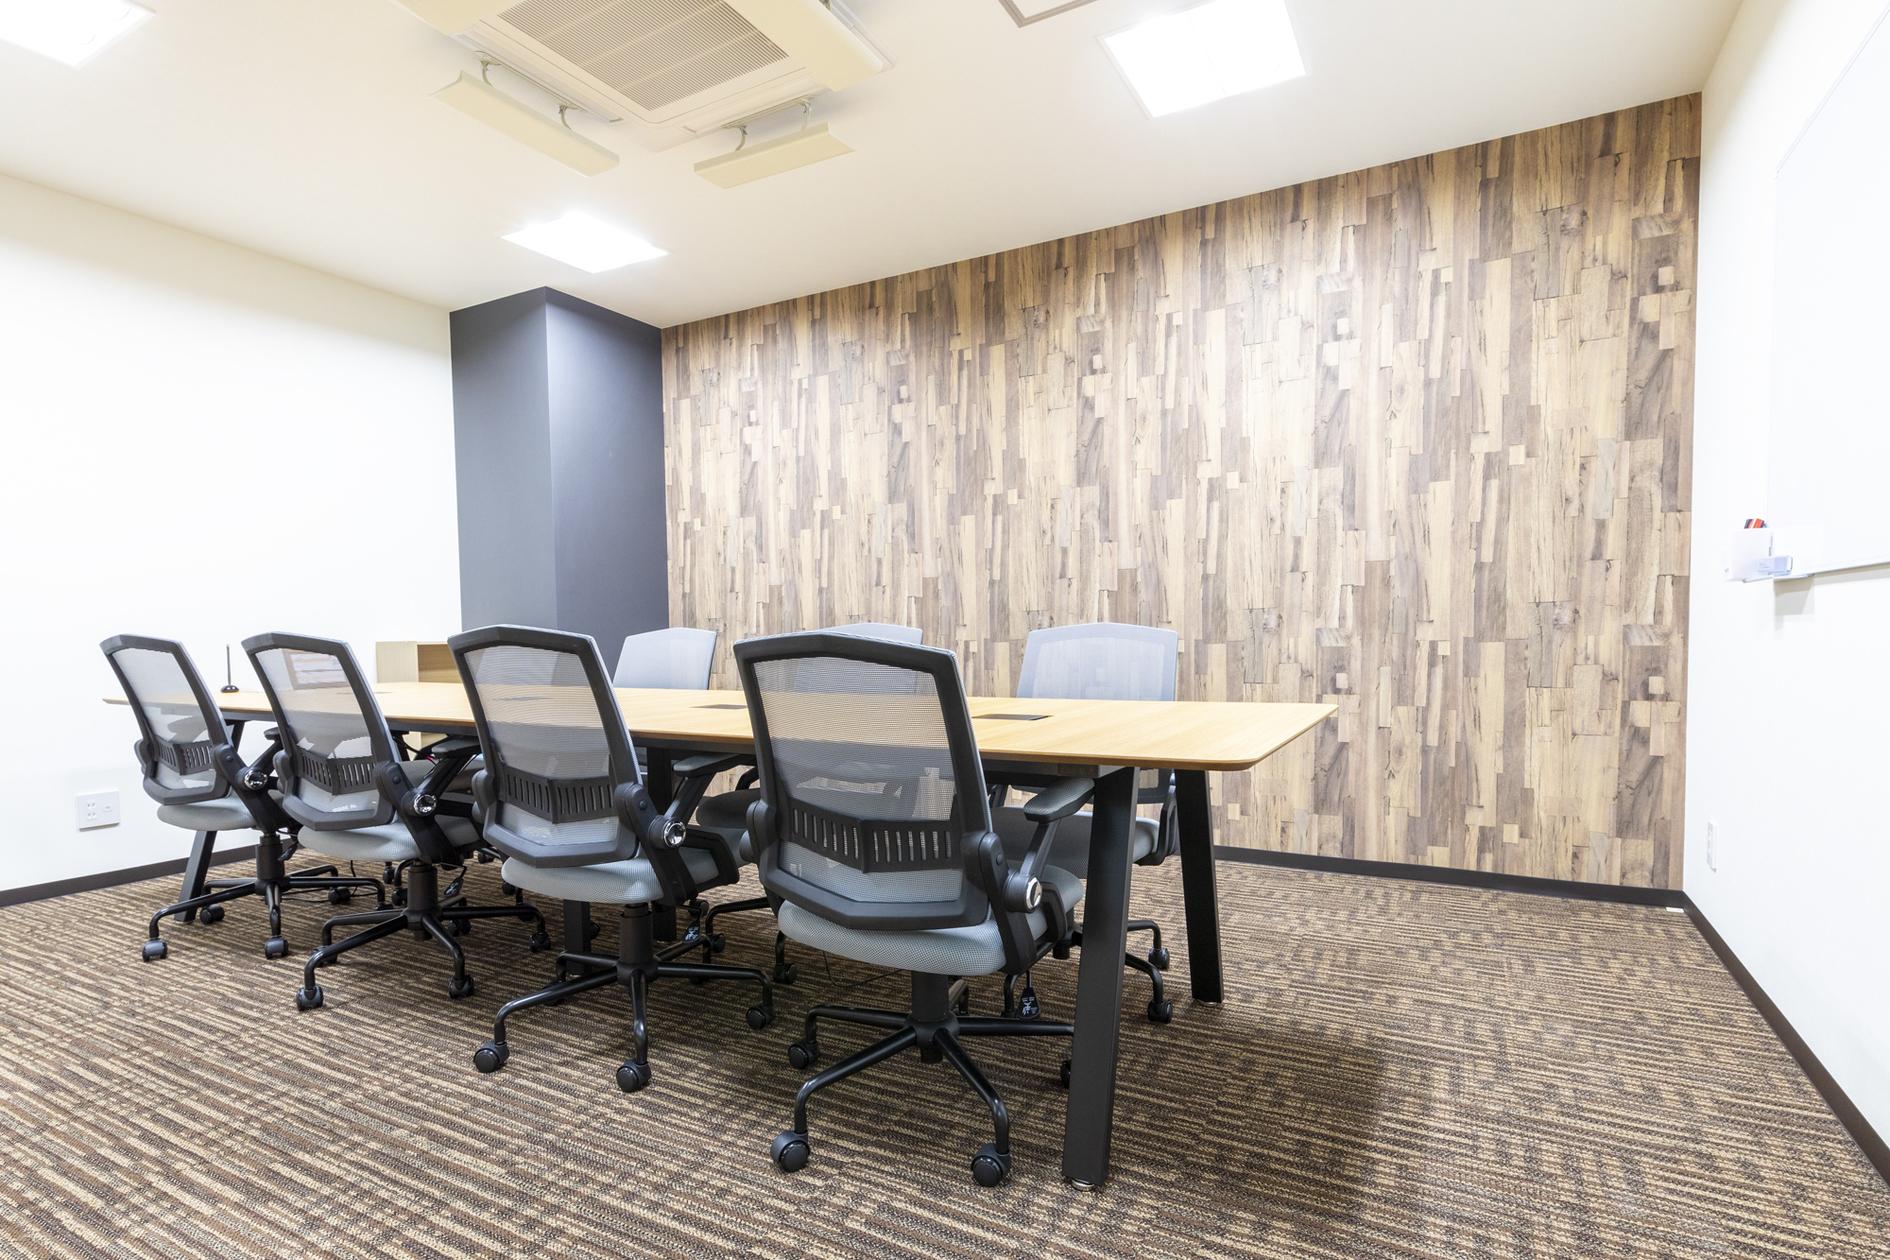 【松戸駅徒歩1秒】おしゃれなコワーキングスペースの8名様用会議室(【松戸駅徒歩1秒】おしゃれなコワーキングスペースの8名様用会議室) の写真0